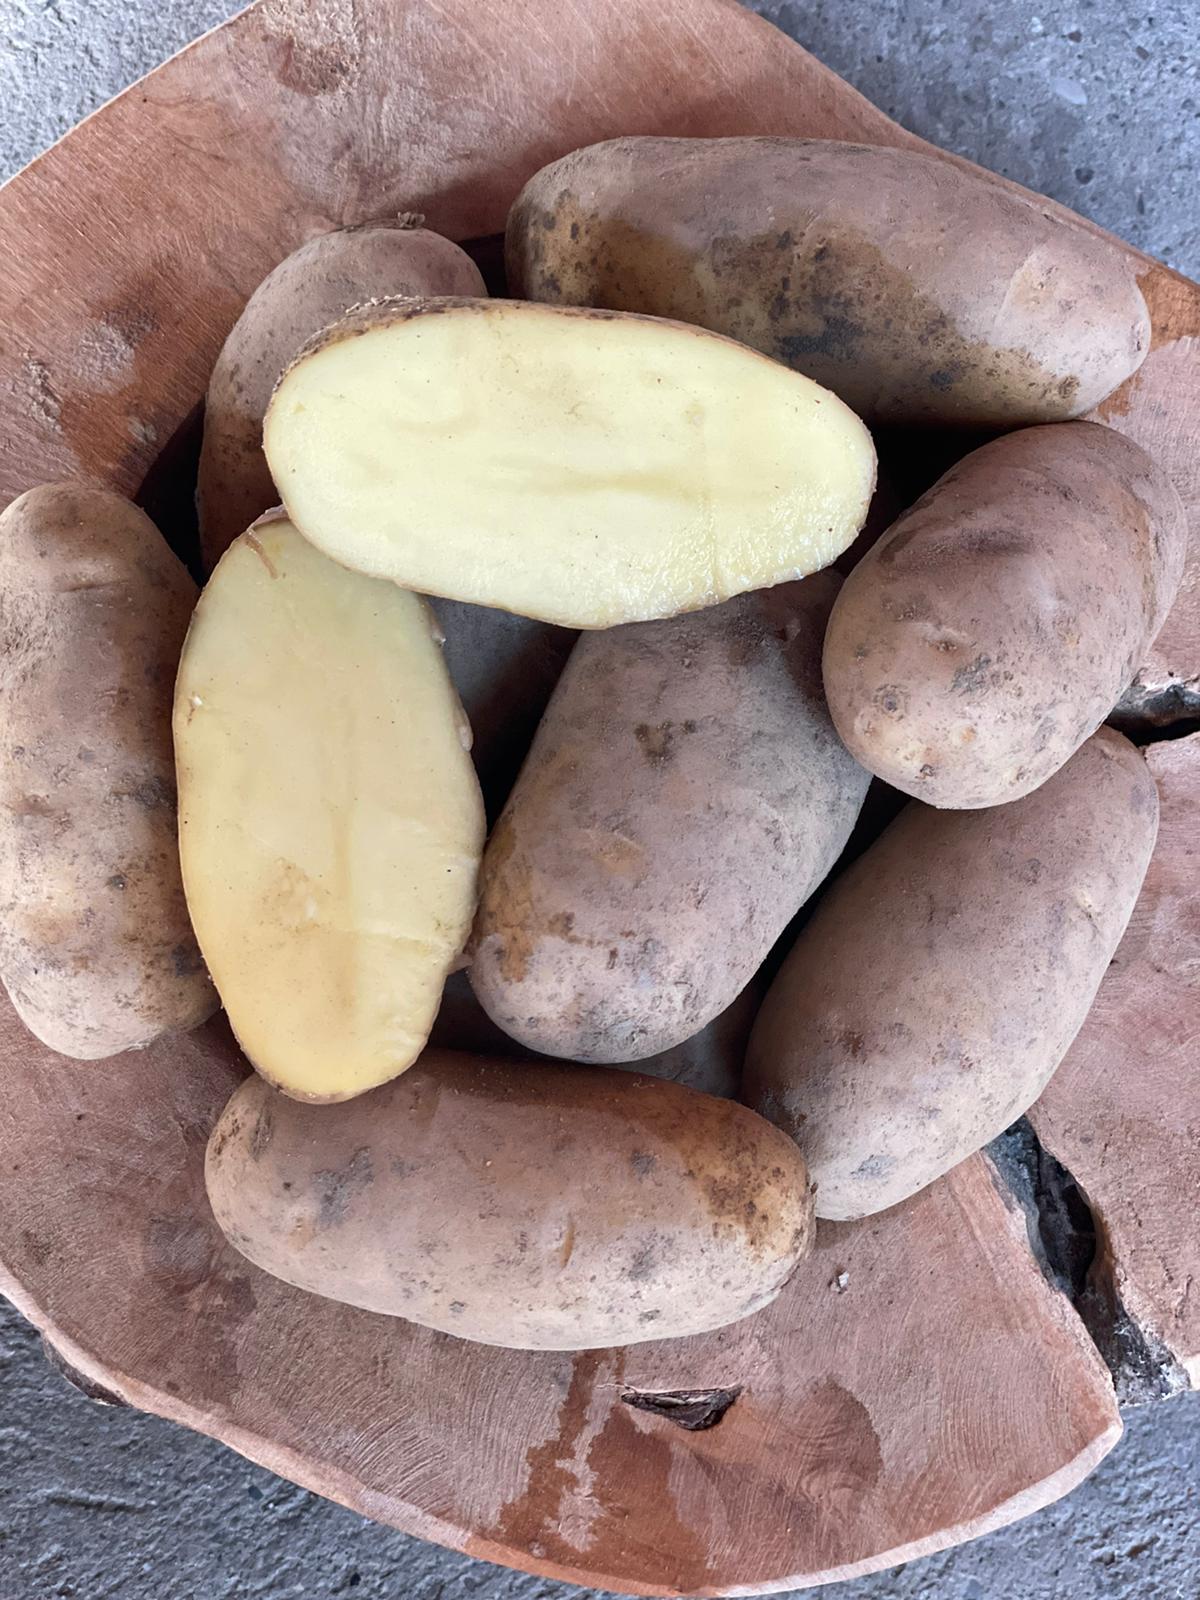 Speisekartoffeln - Bellinda - festkochend | 1,5 kg